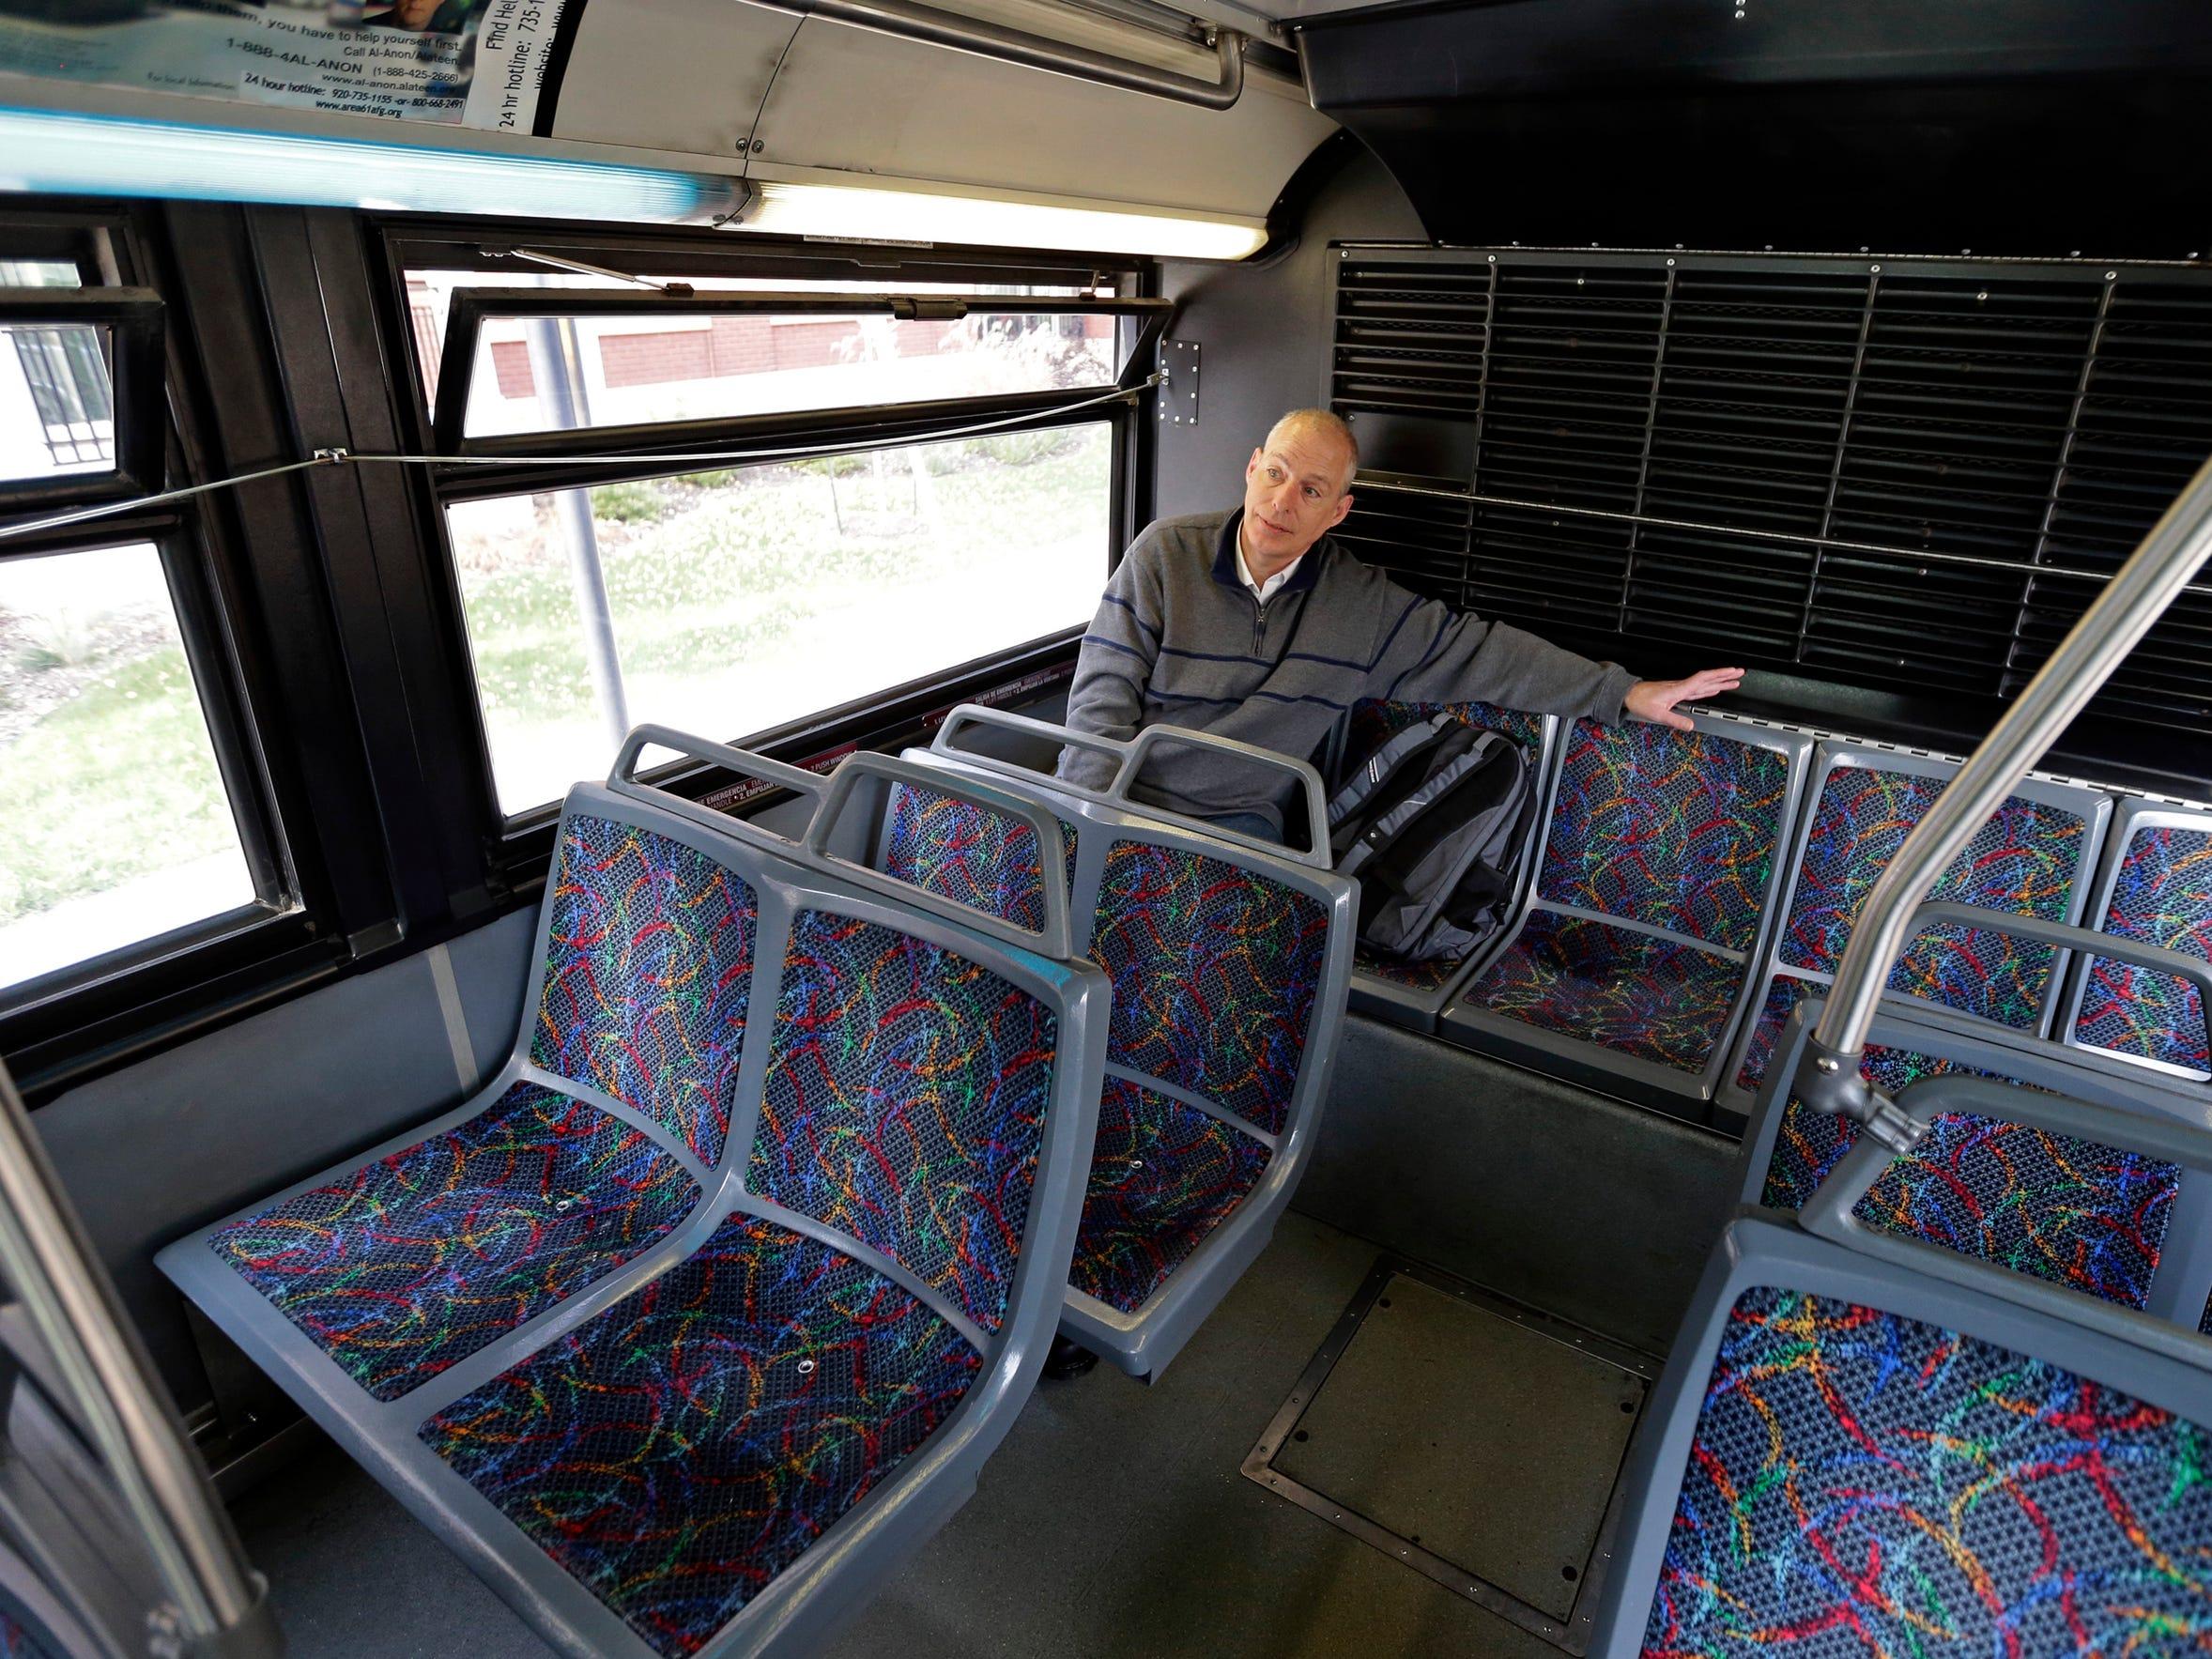 John Schaus rides a Valley Transit bus in Appleton